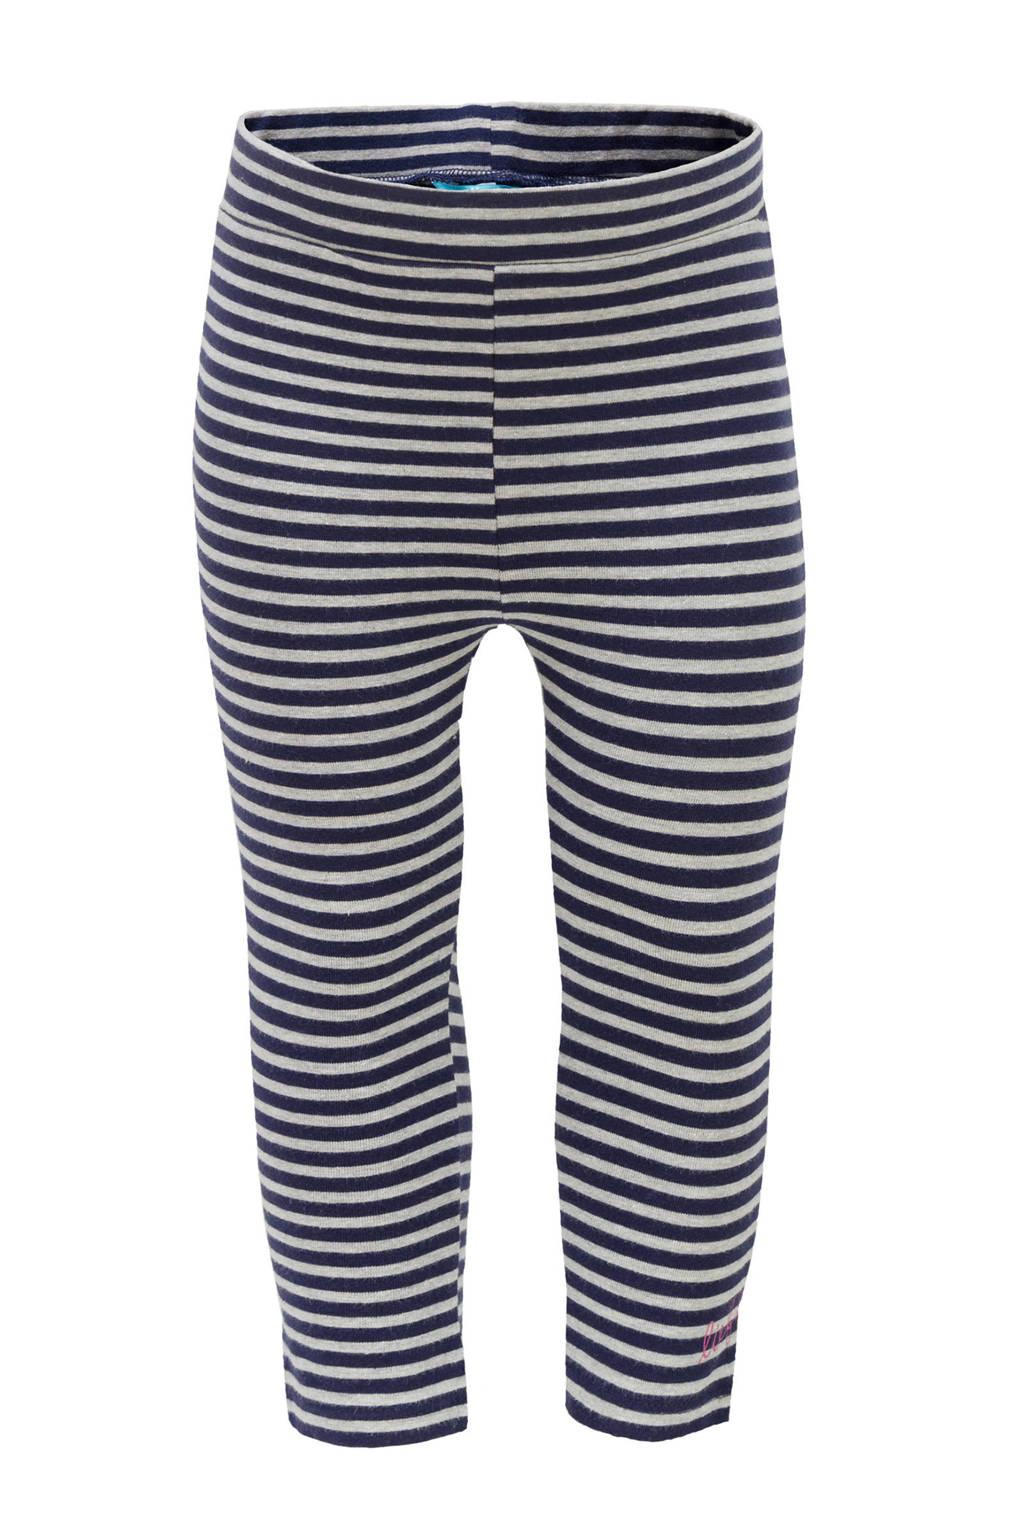 lief! gestreepte legging blauw, Donkerblauw/grijs